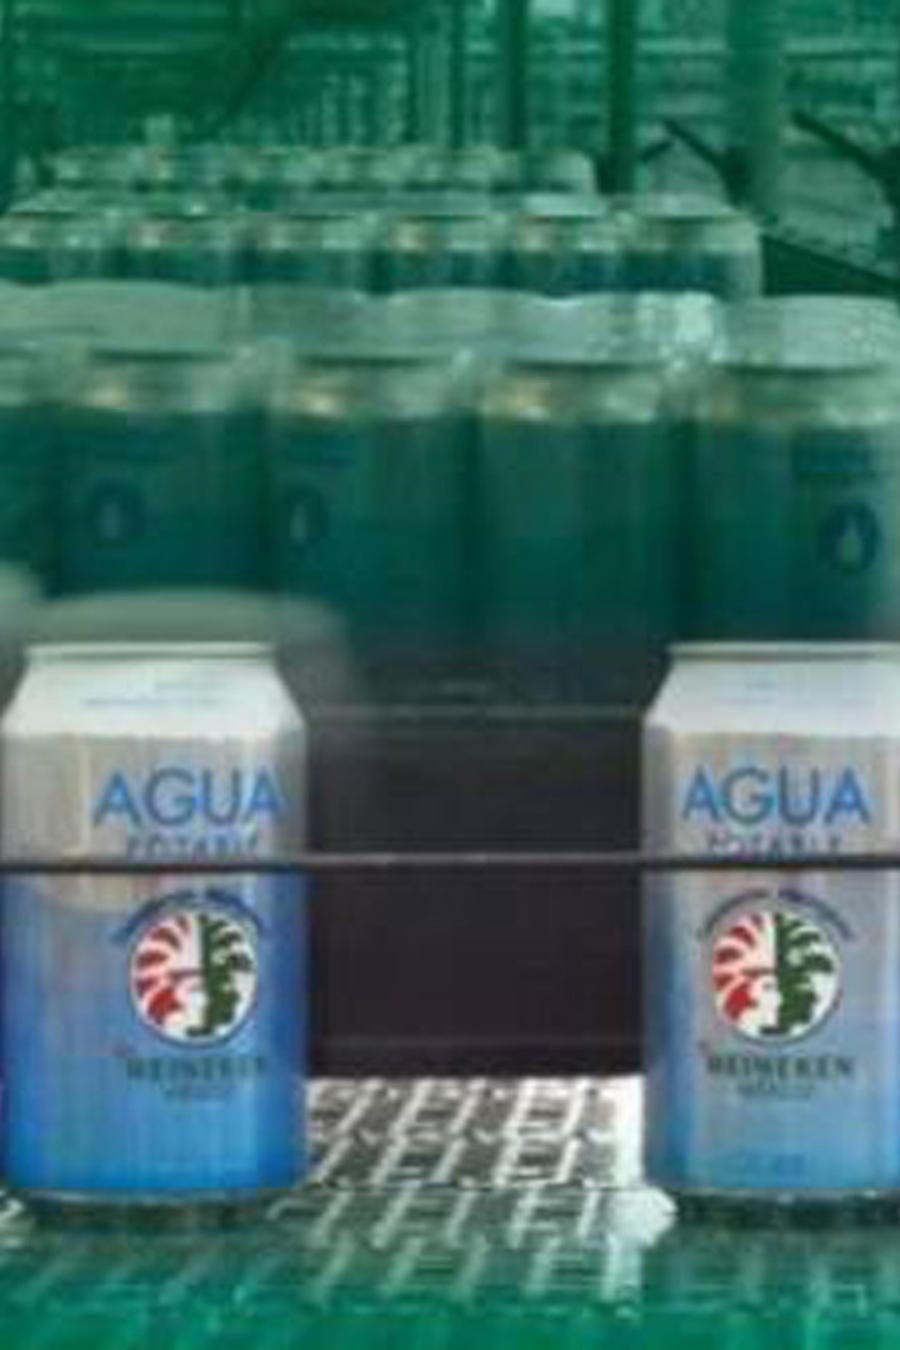 Agua en lata